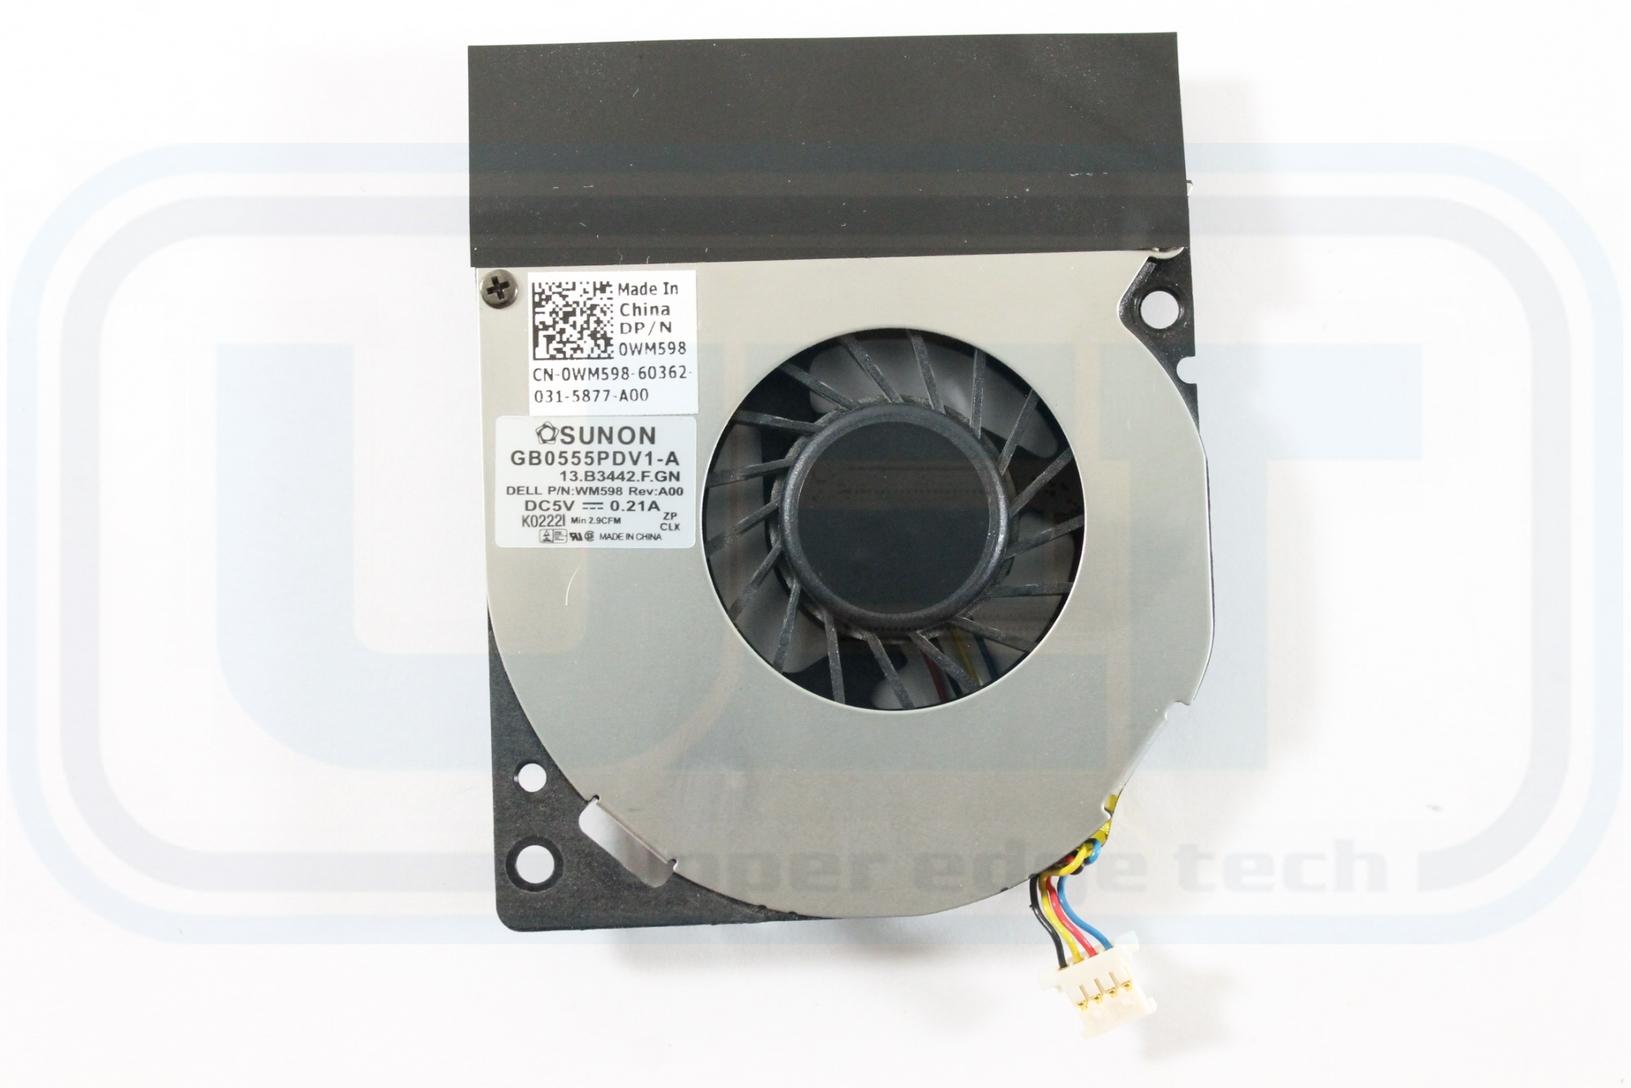 Laptop Fan: Dell Laptop Fan Not Working